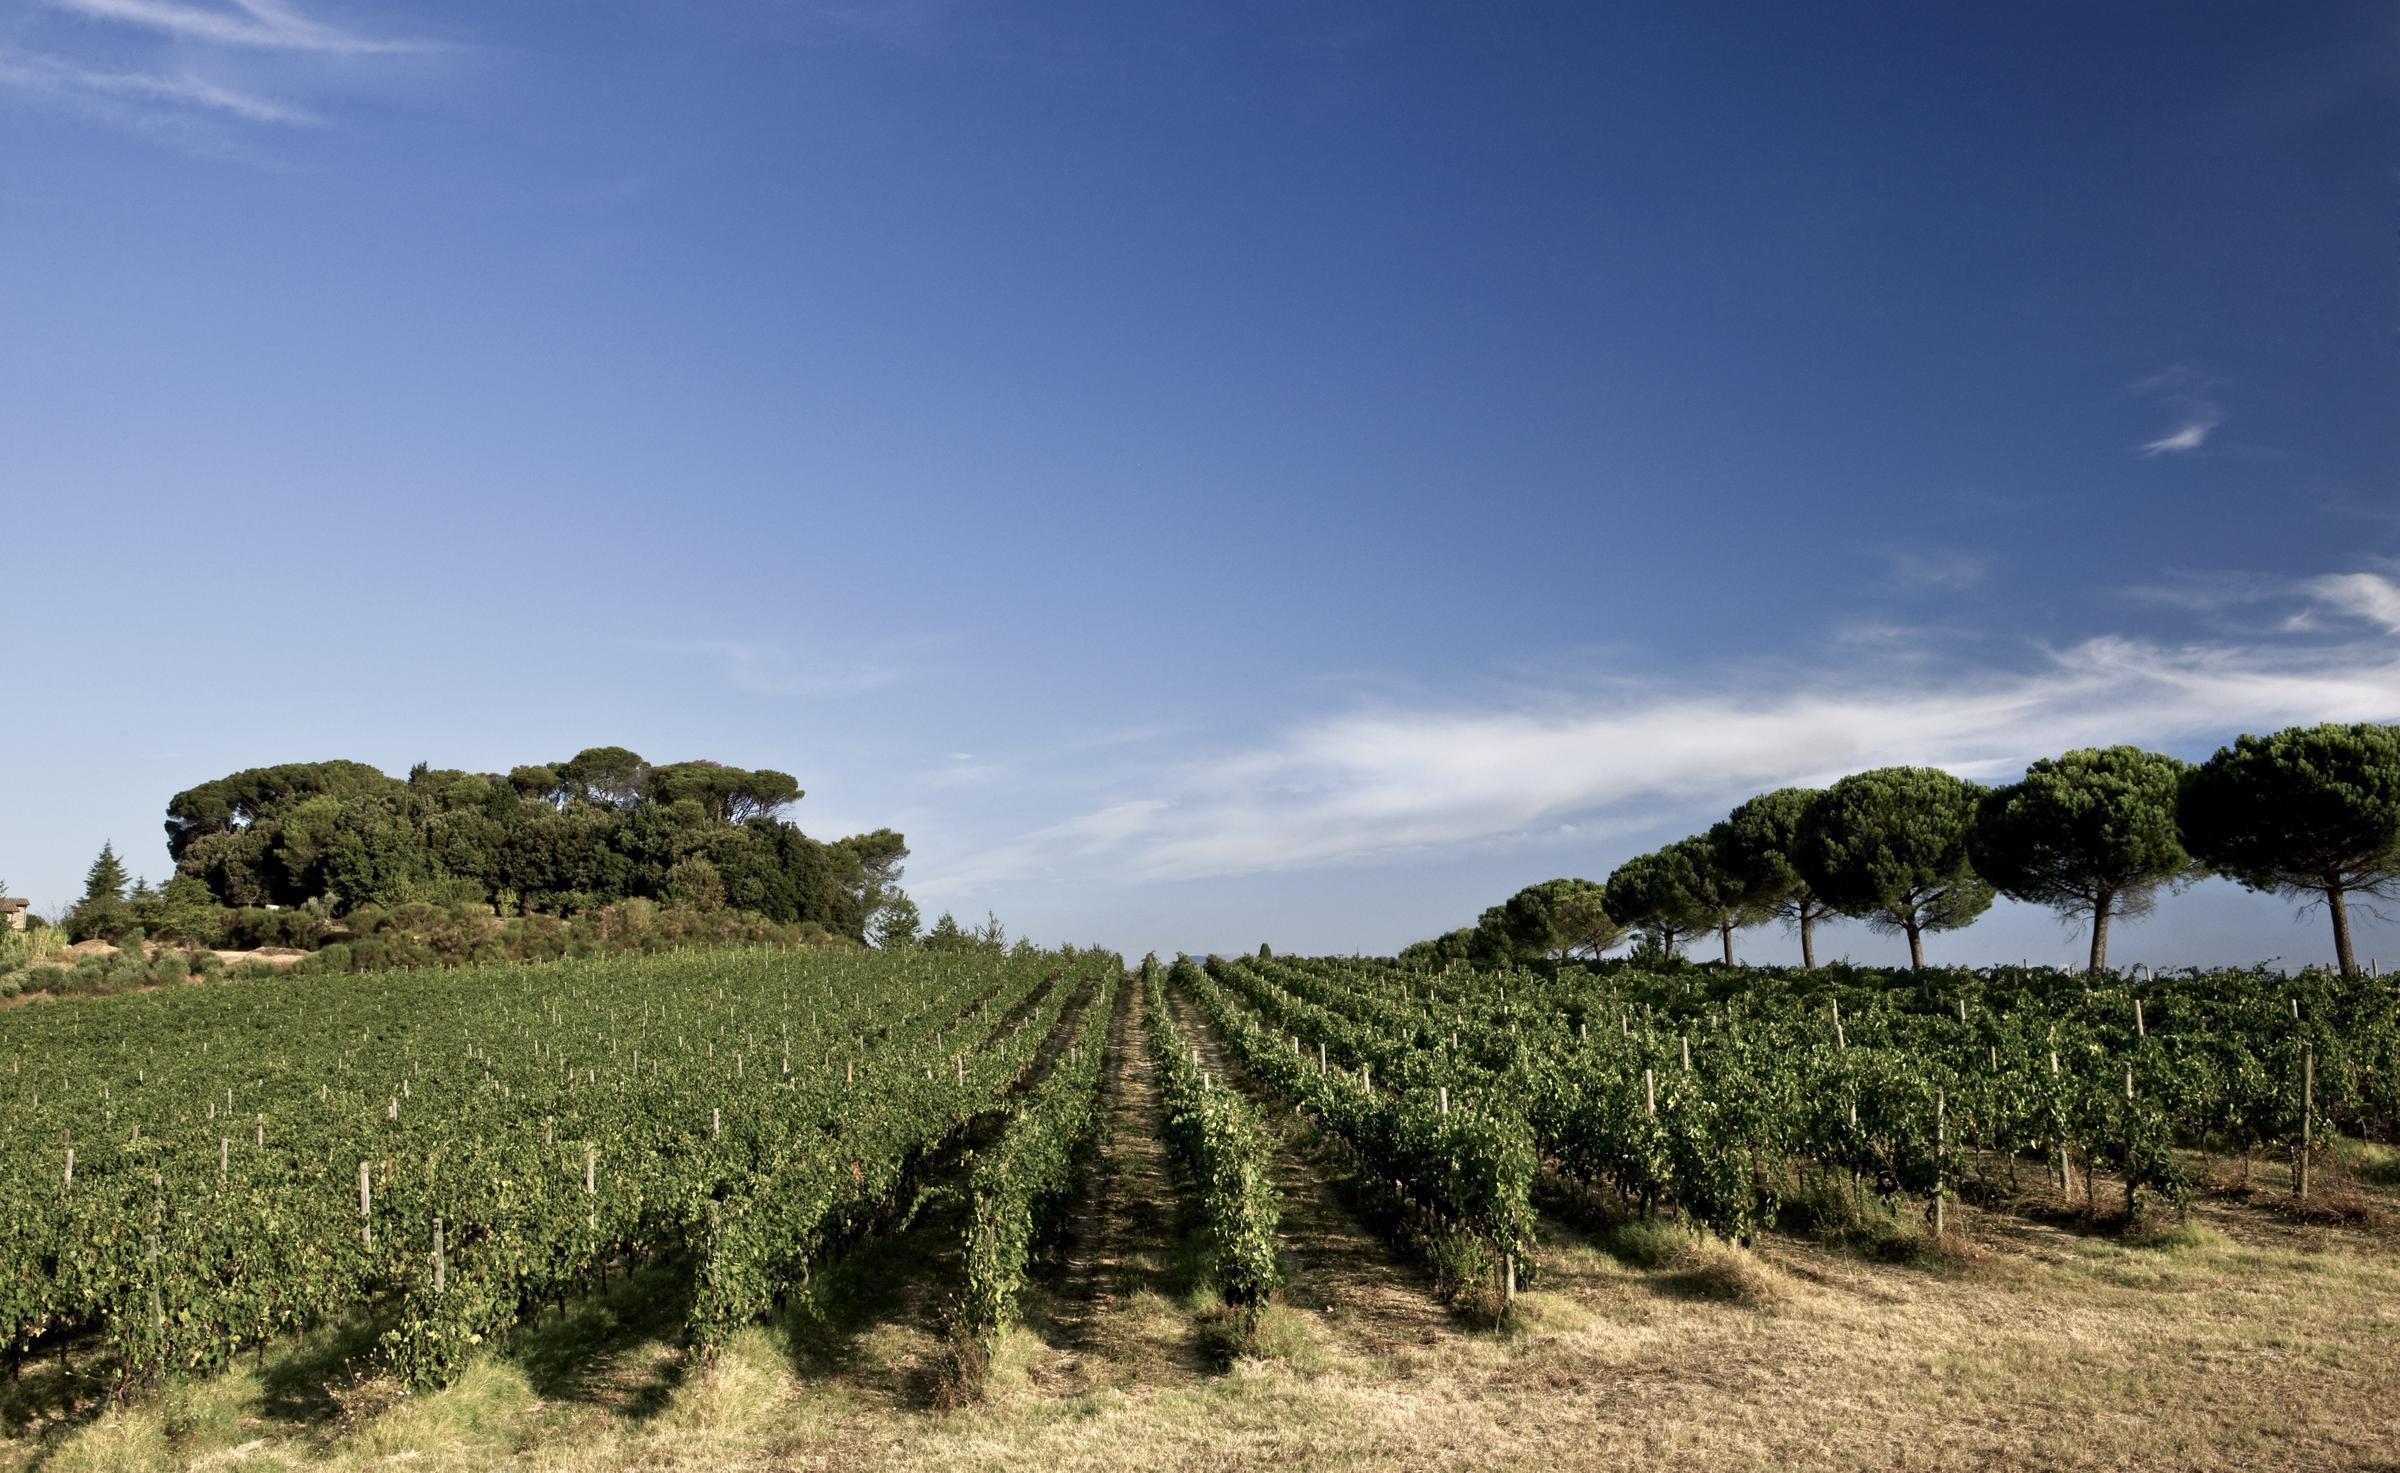 Din leverantör av viner med *kvalitet, ursprung & personlighet*